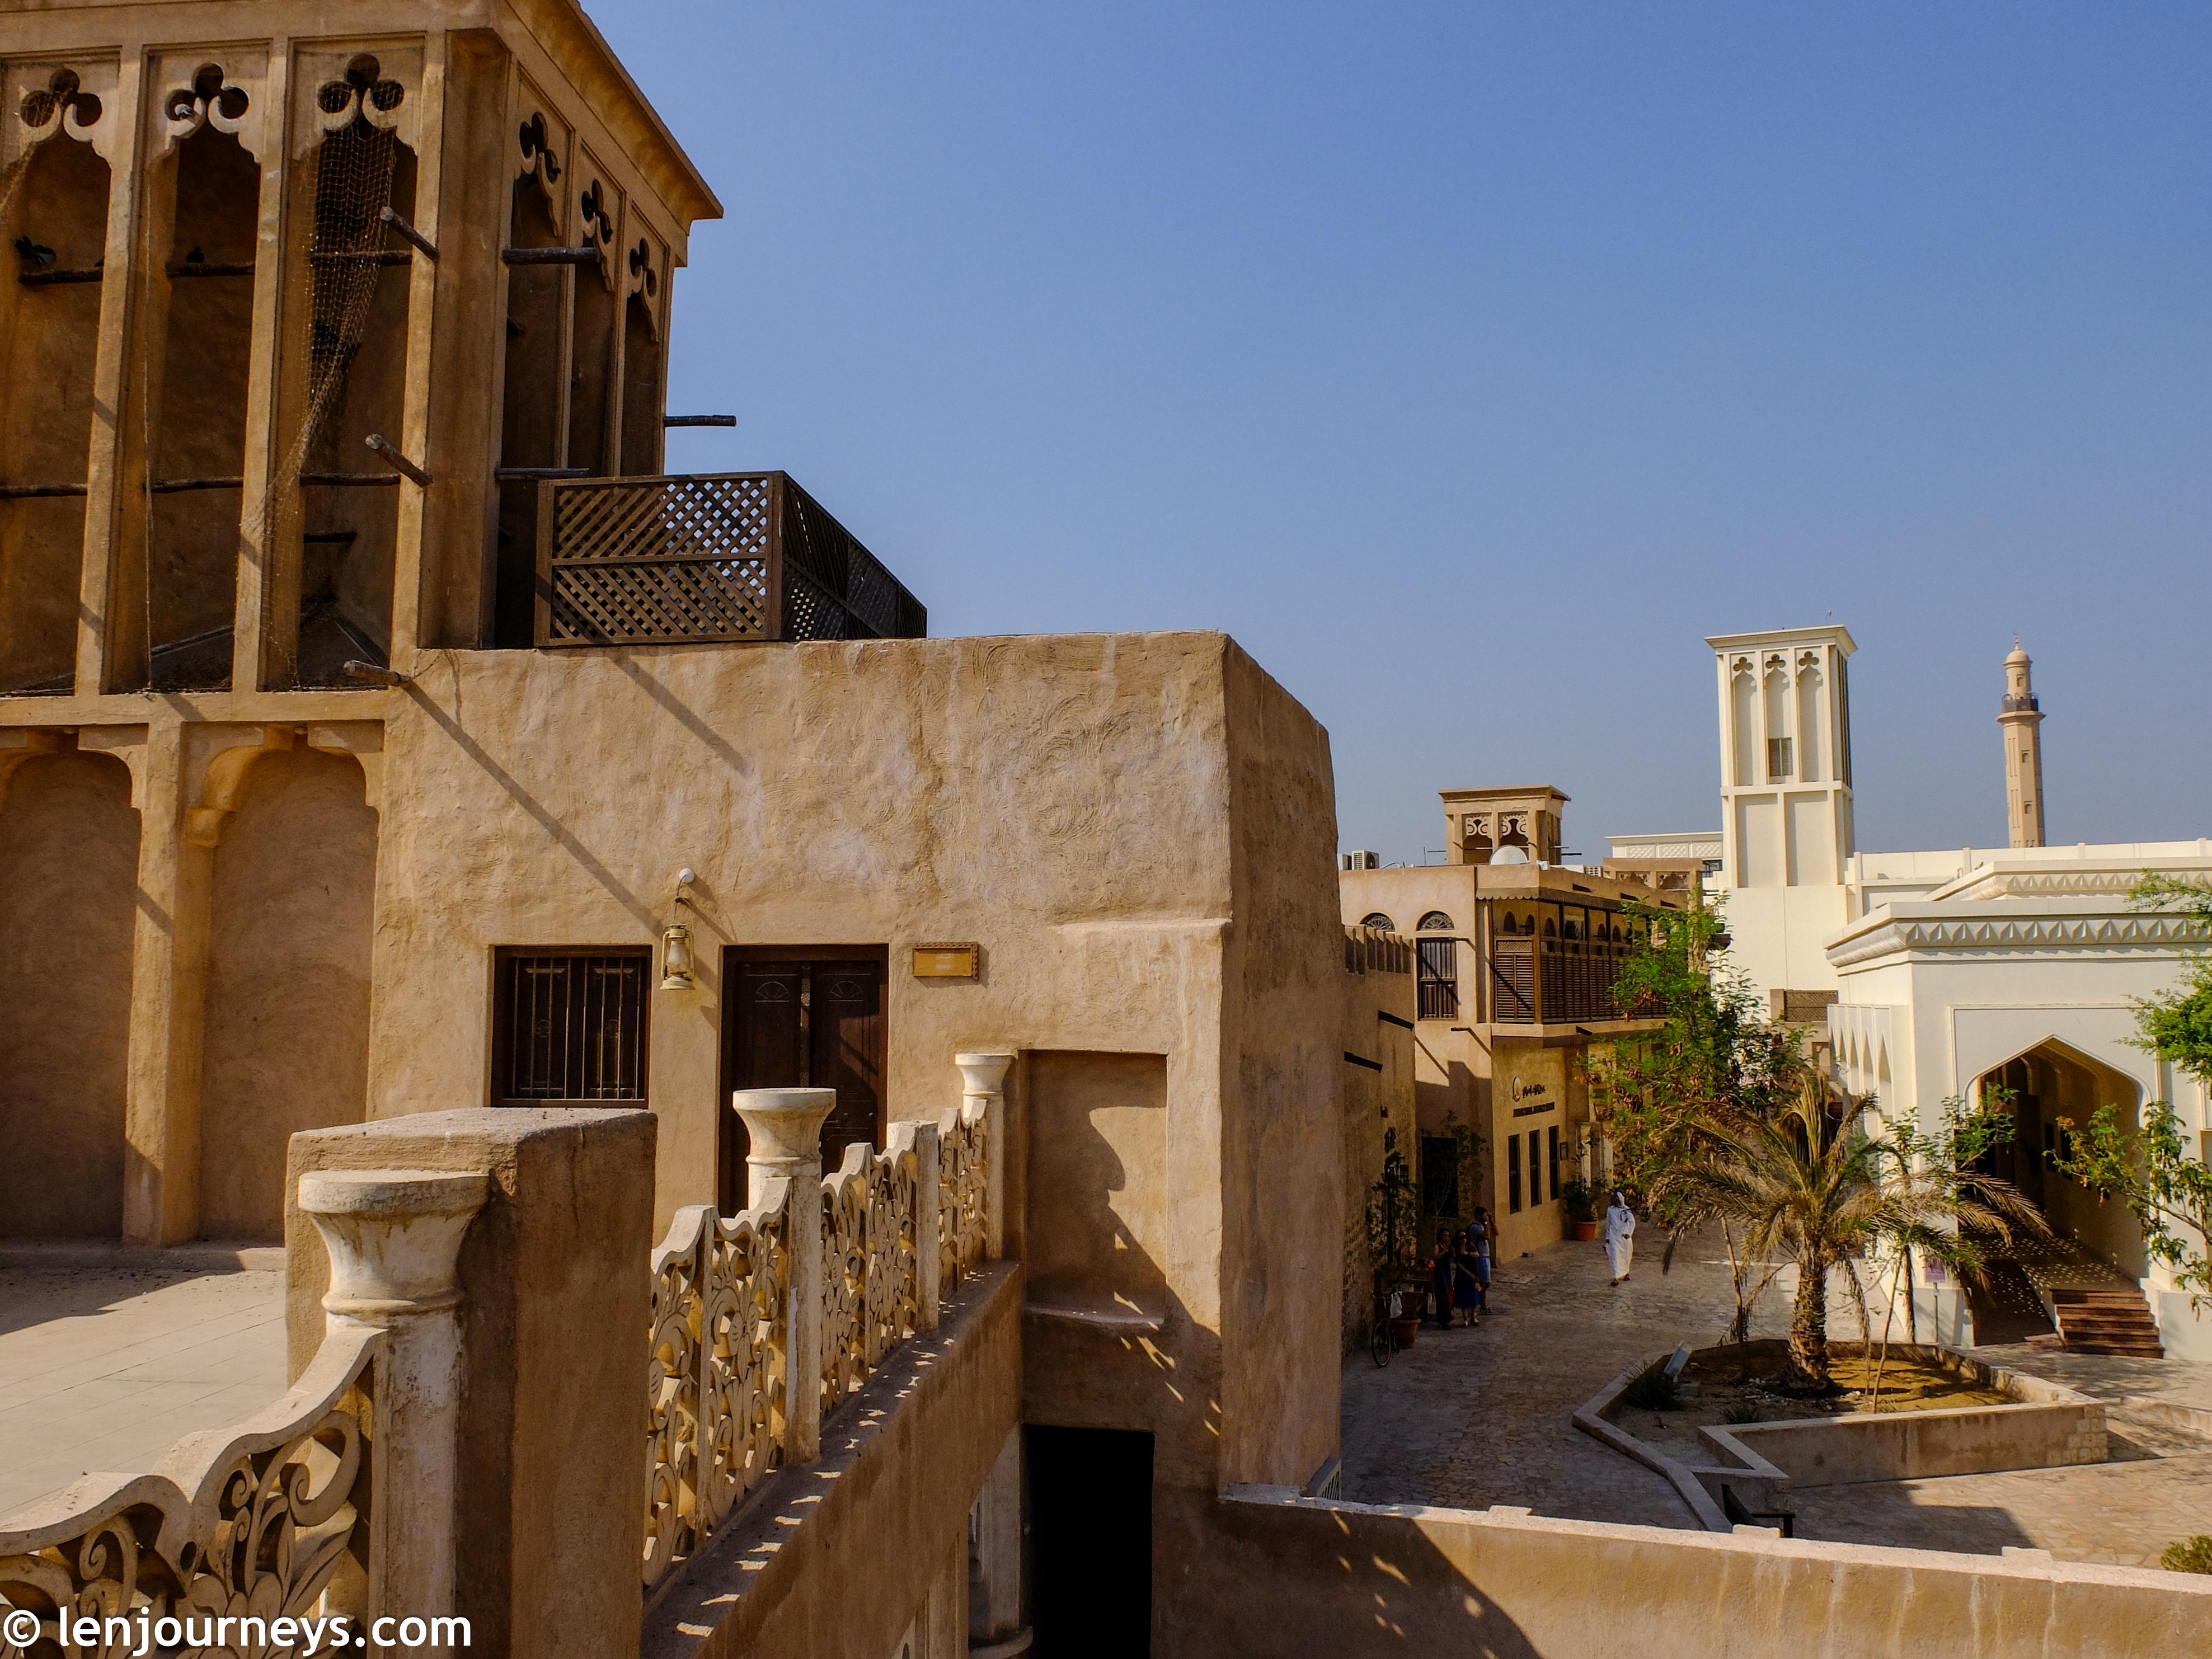 Al Fahidi District